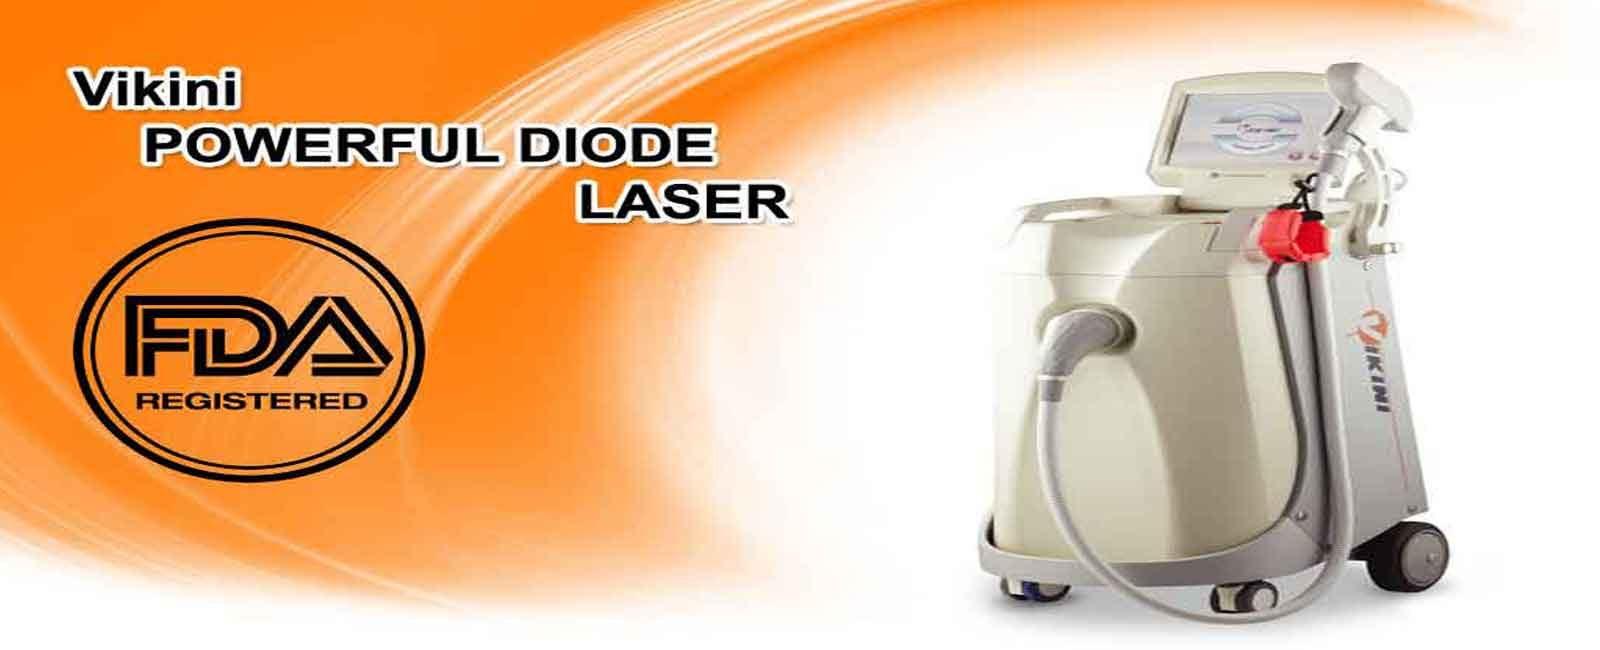 خرید و فروش دستگاه لیزر دایود ویکینی Diode Laser Vikini